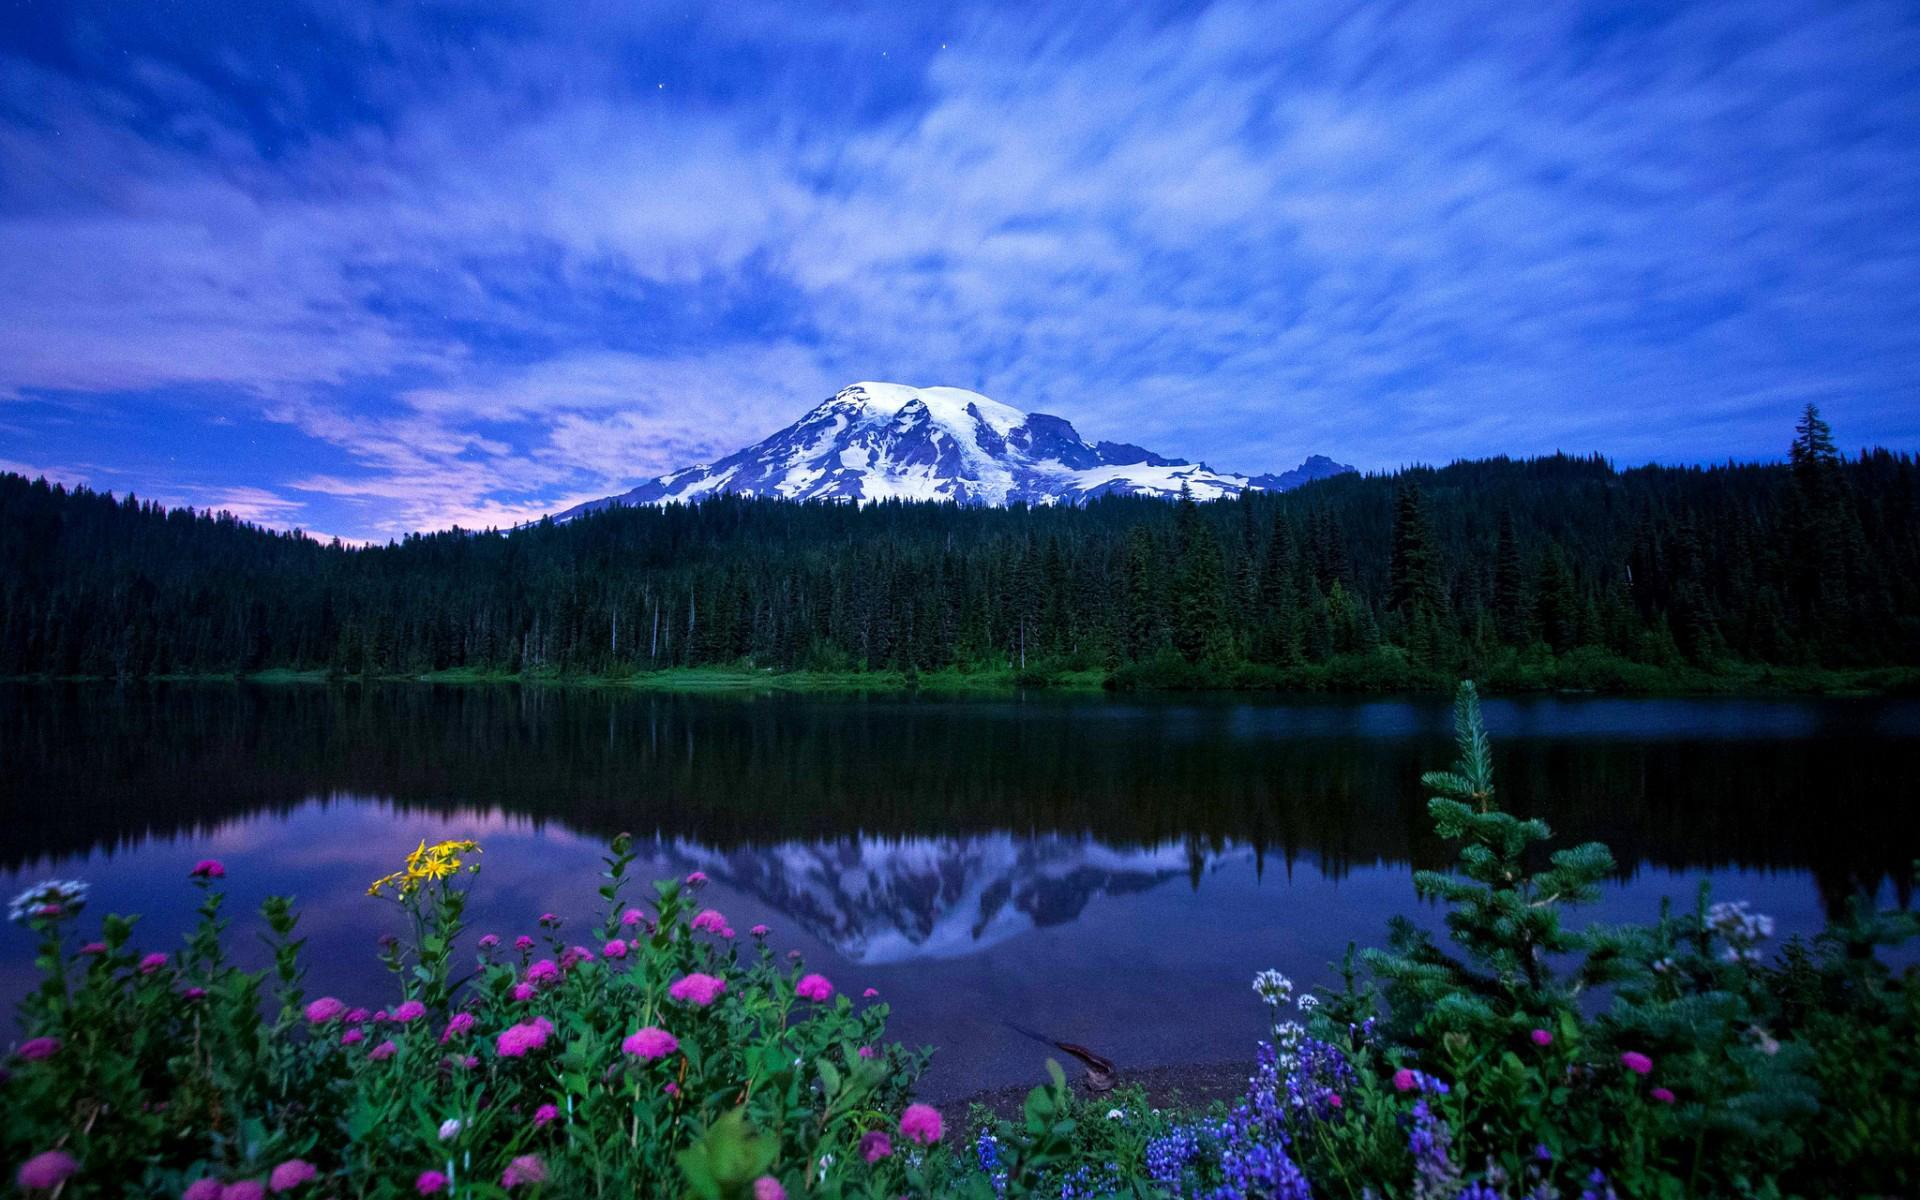 自然风景超清壁纸 寺庙 超清秀丽自然风景win10高清电脑壁纸